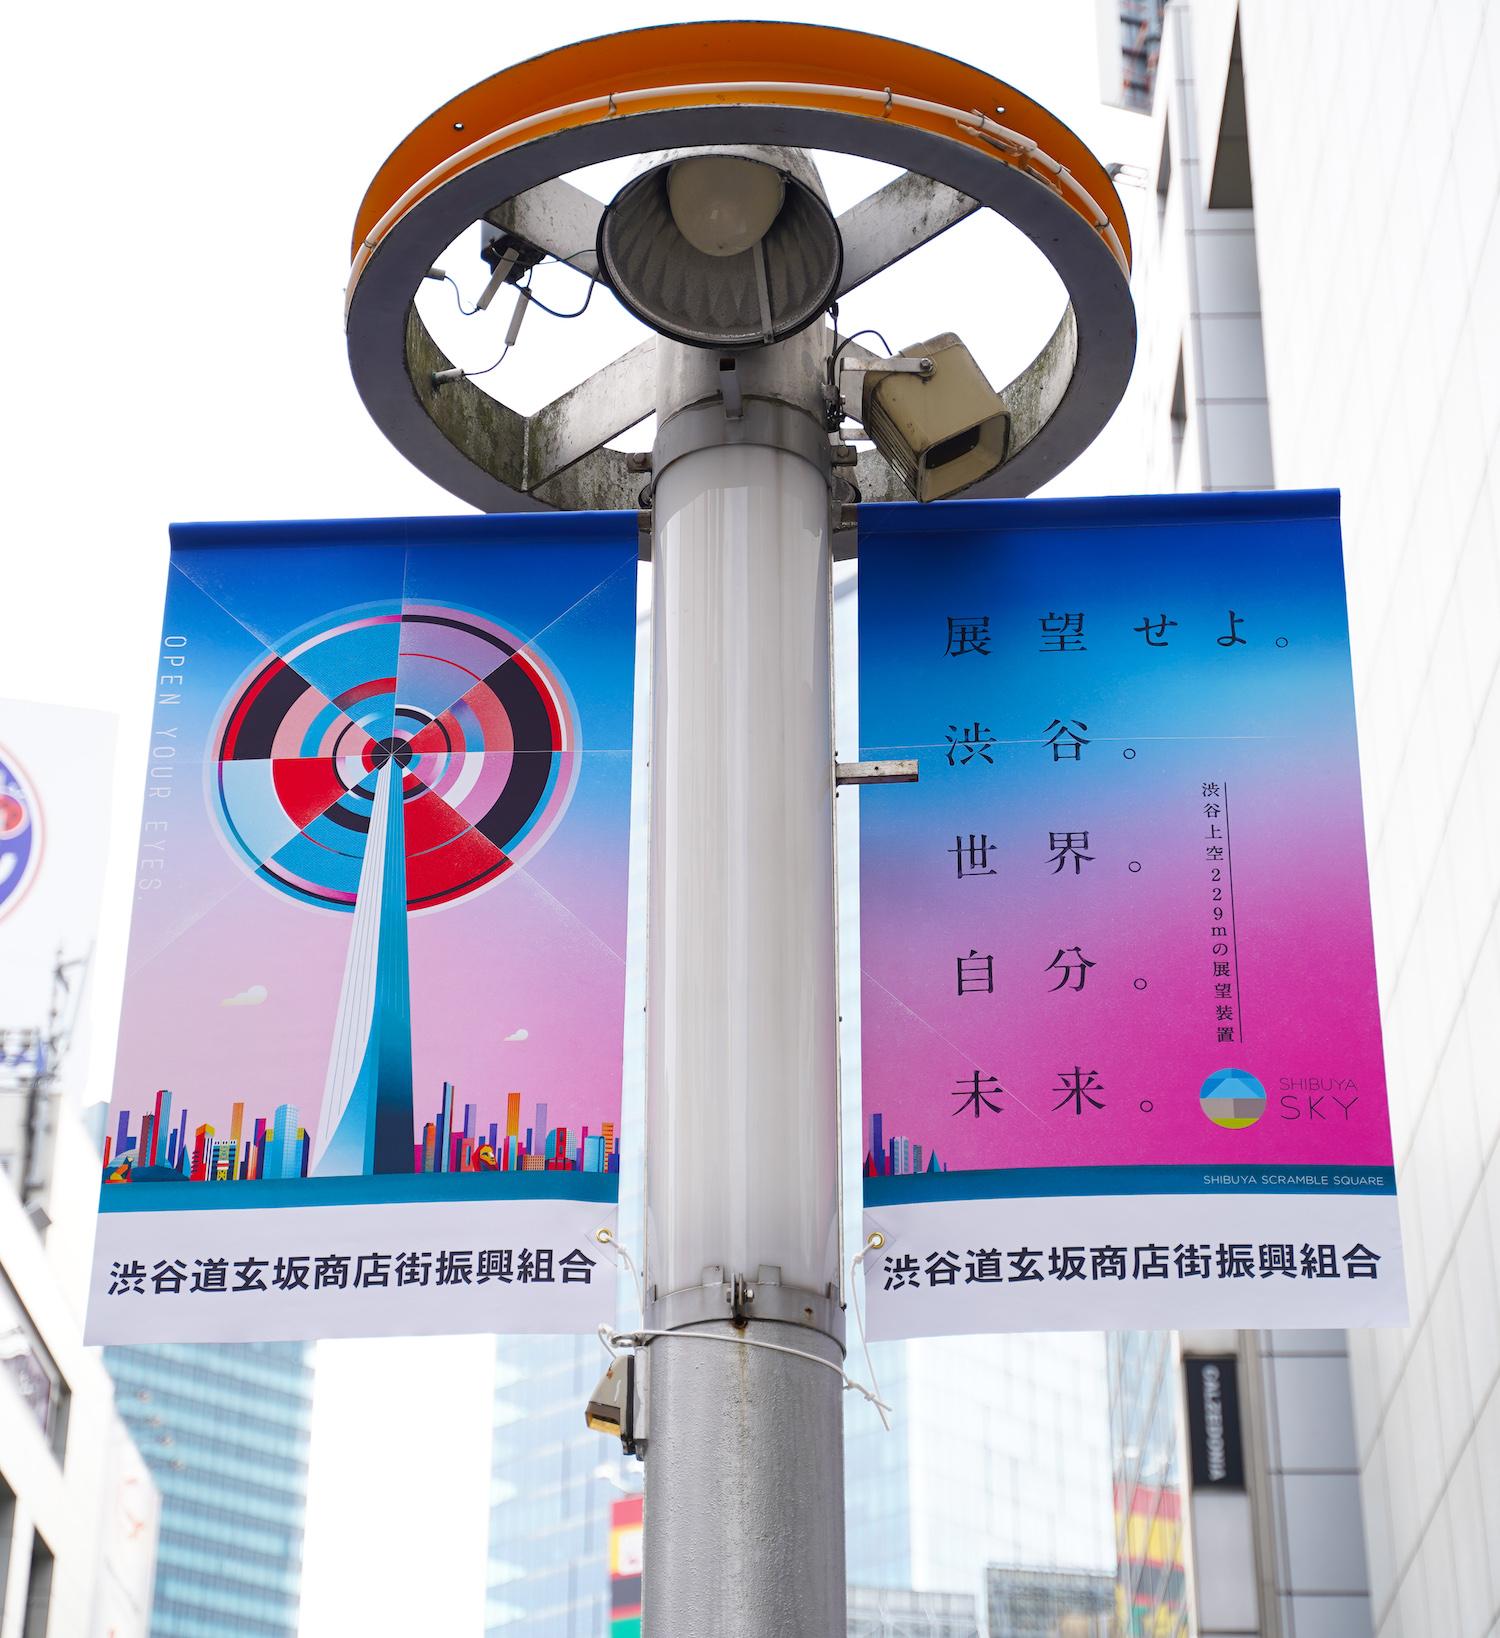 「渋谷スクランブルスクエア」のポスター2019年11月3日、撮影:SHUN ONLINE